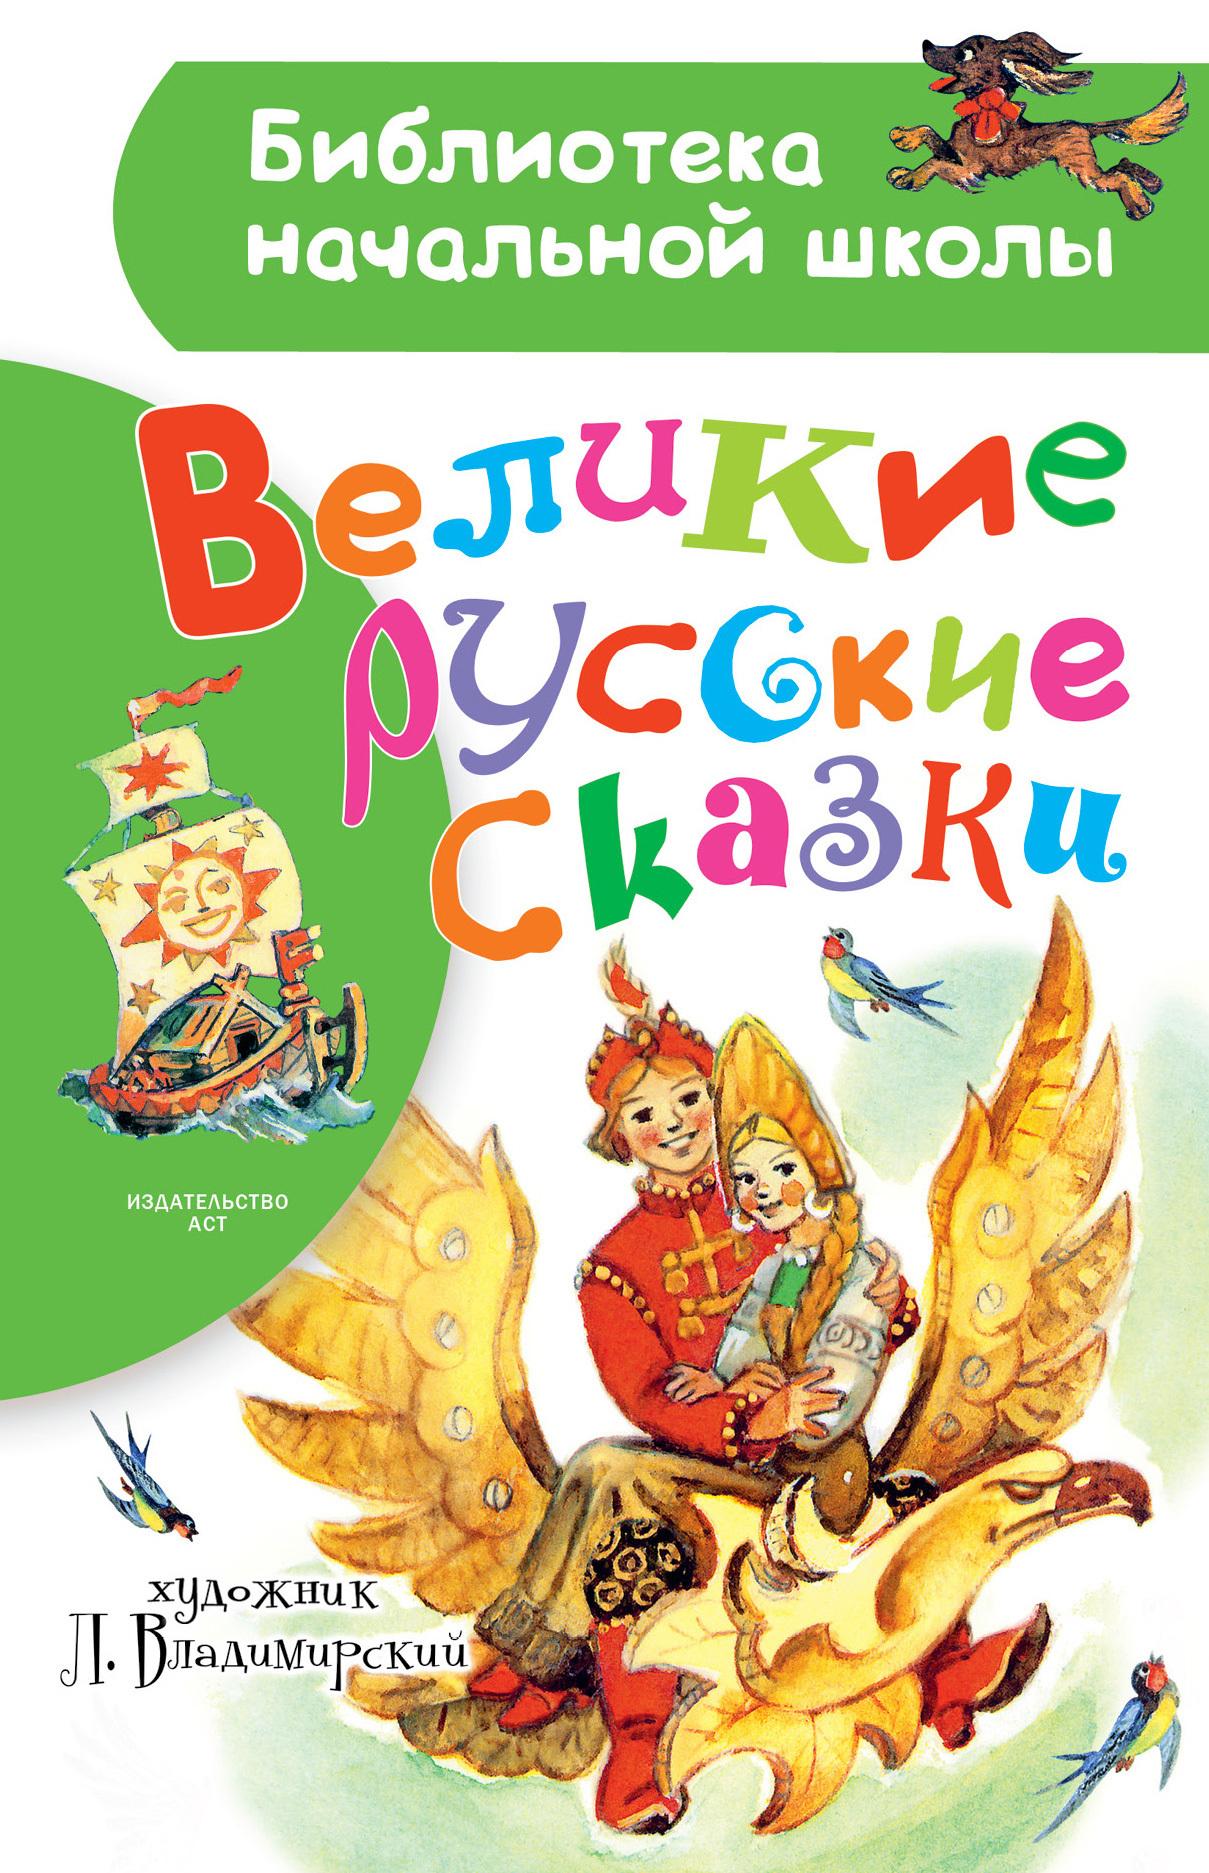 Народное творчество Великие русские сказки. Рисунки Л. Владимирского